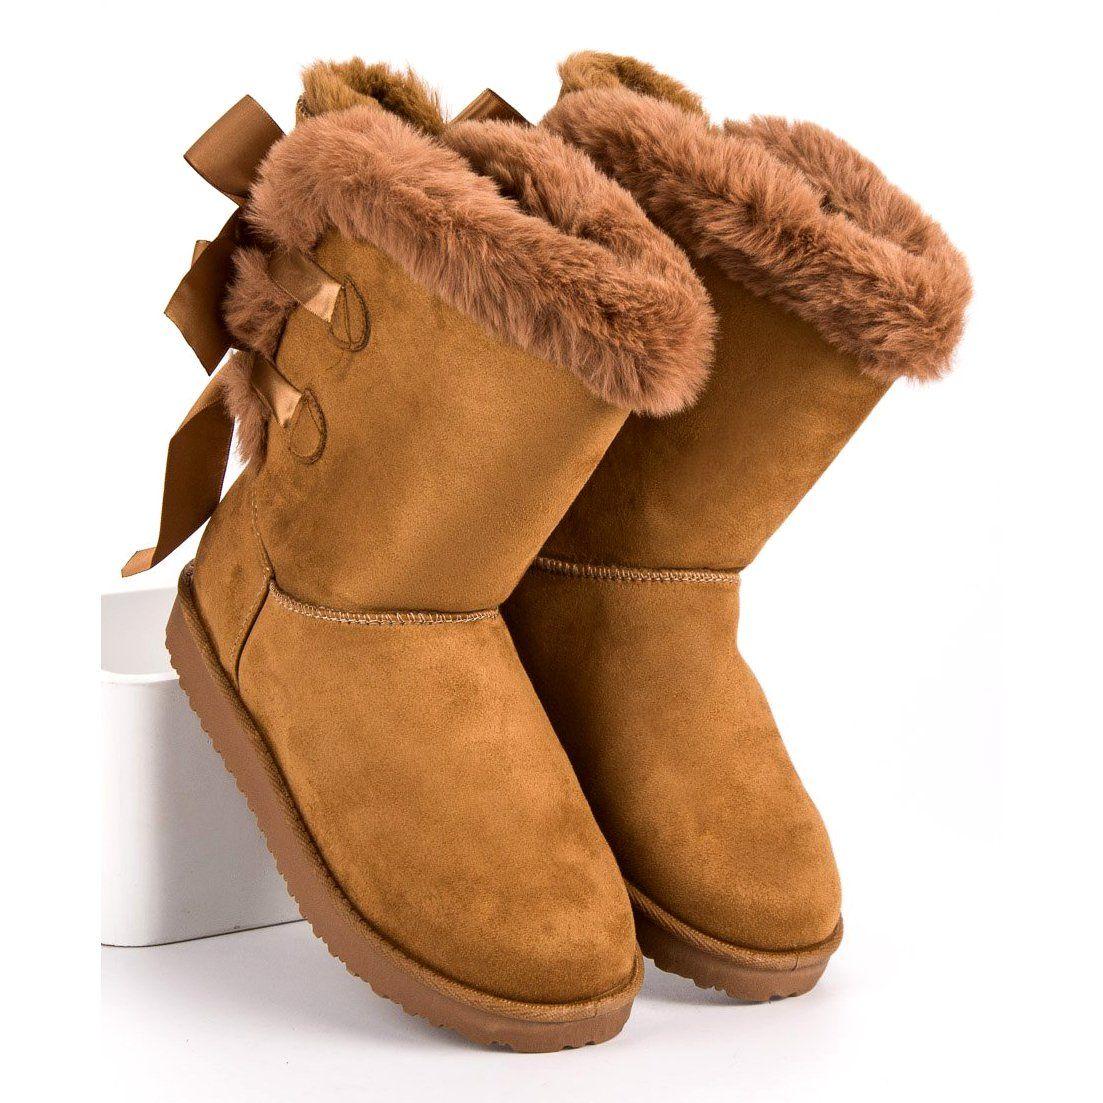 Wysokie Mukluki Z Kokardkami Brazowe Ugg Boots Uggs Boots